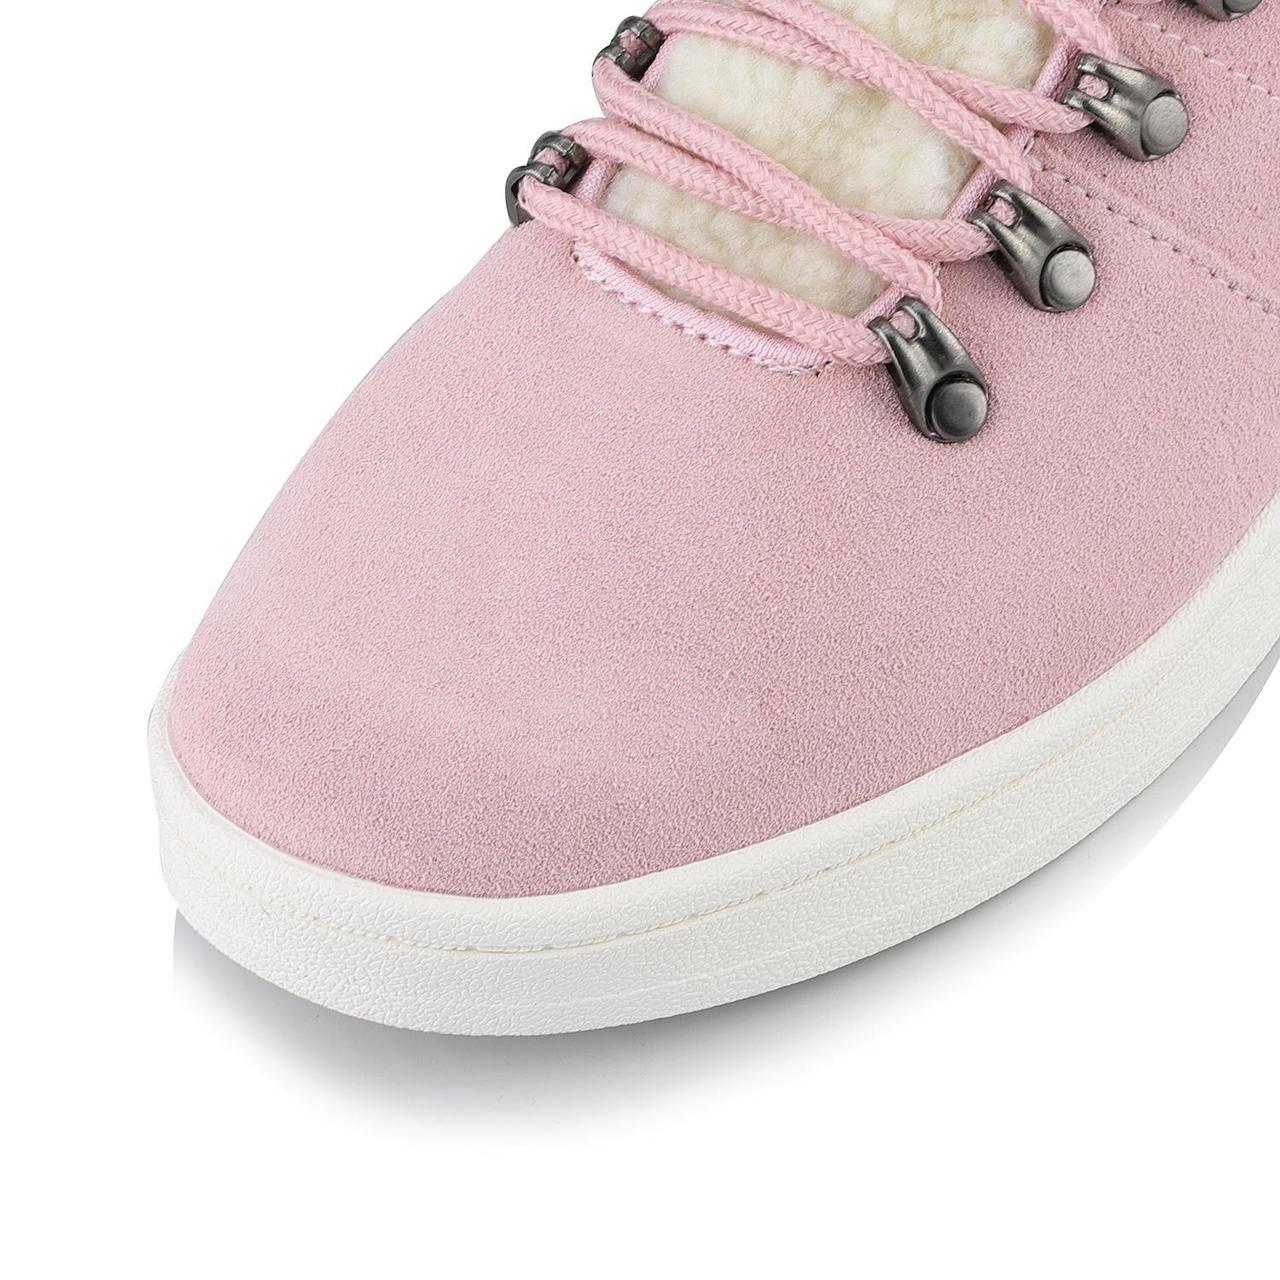 Ботинки MANDELTNA Розовый, 38 - фото 5